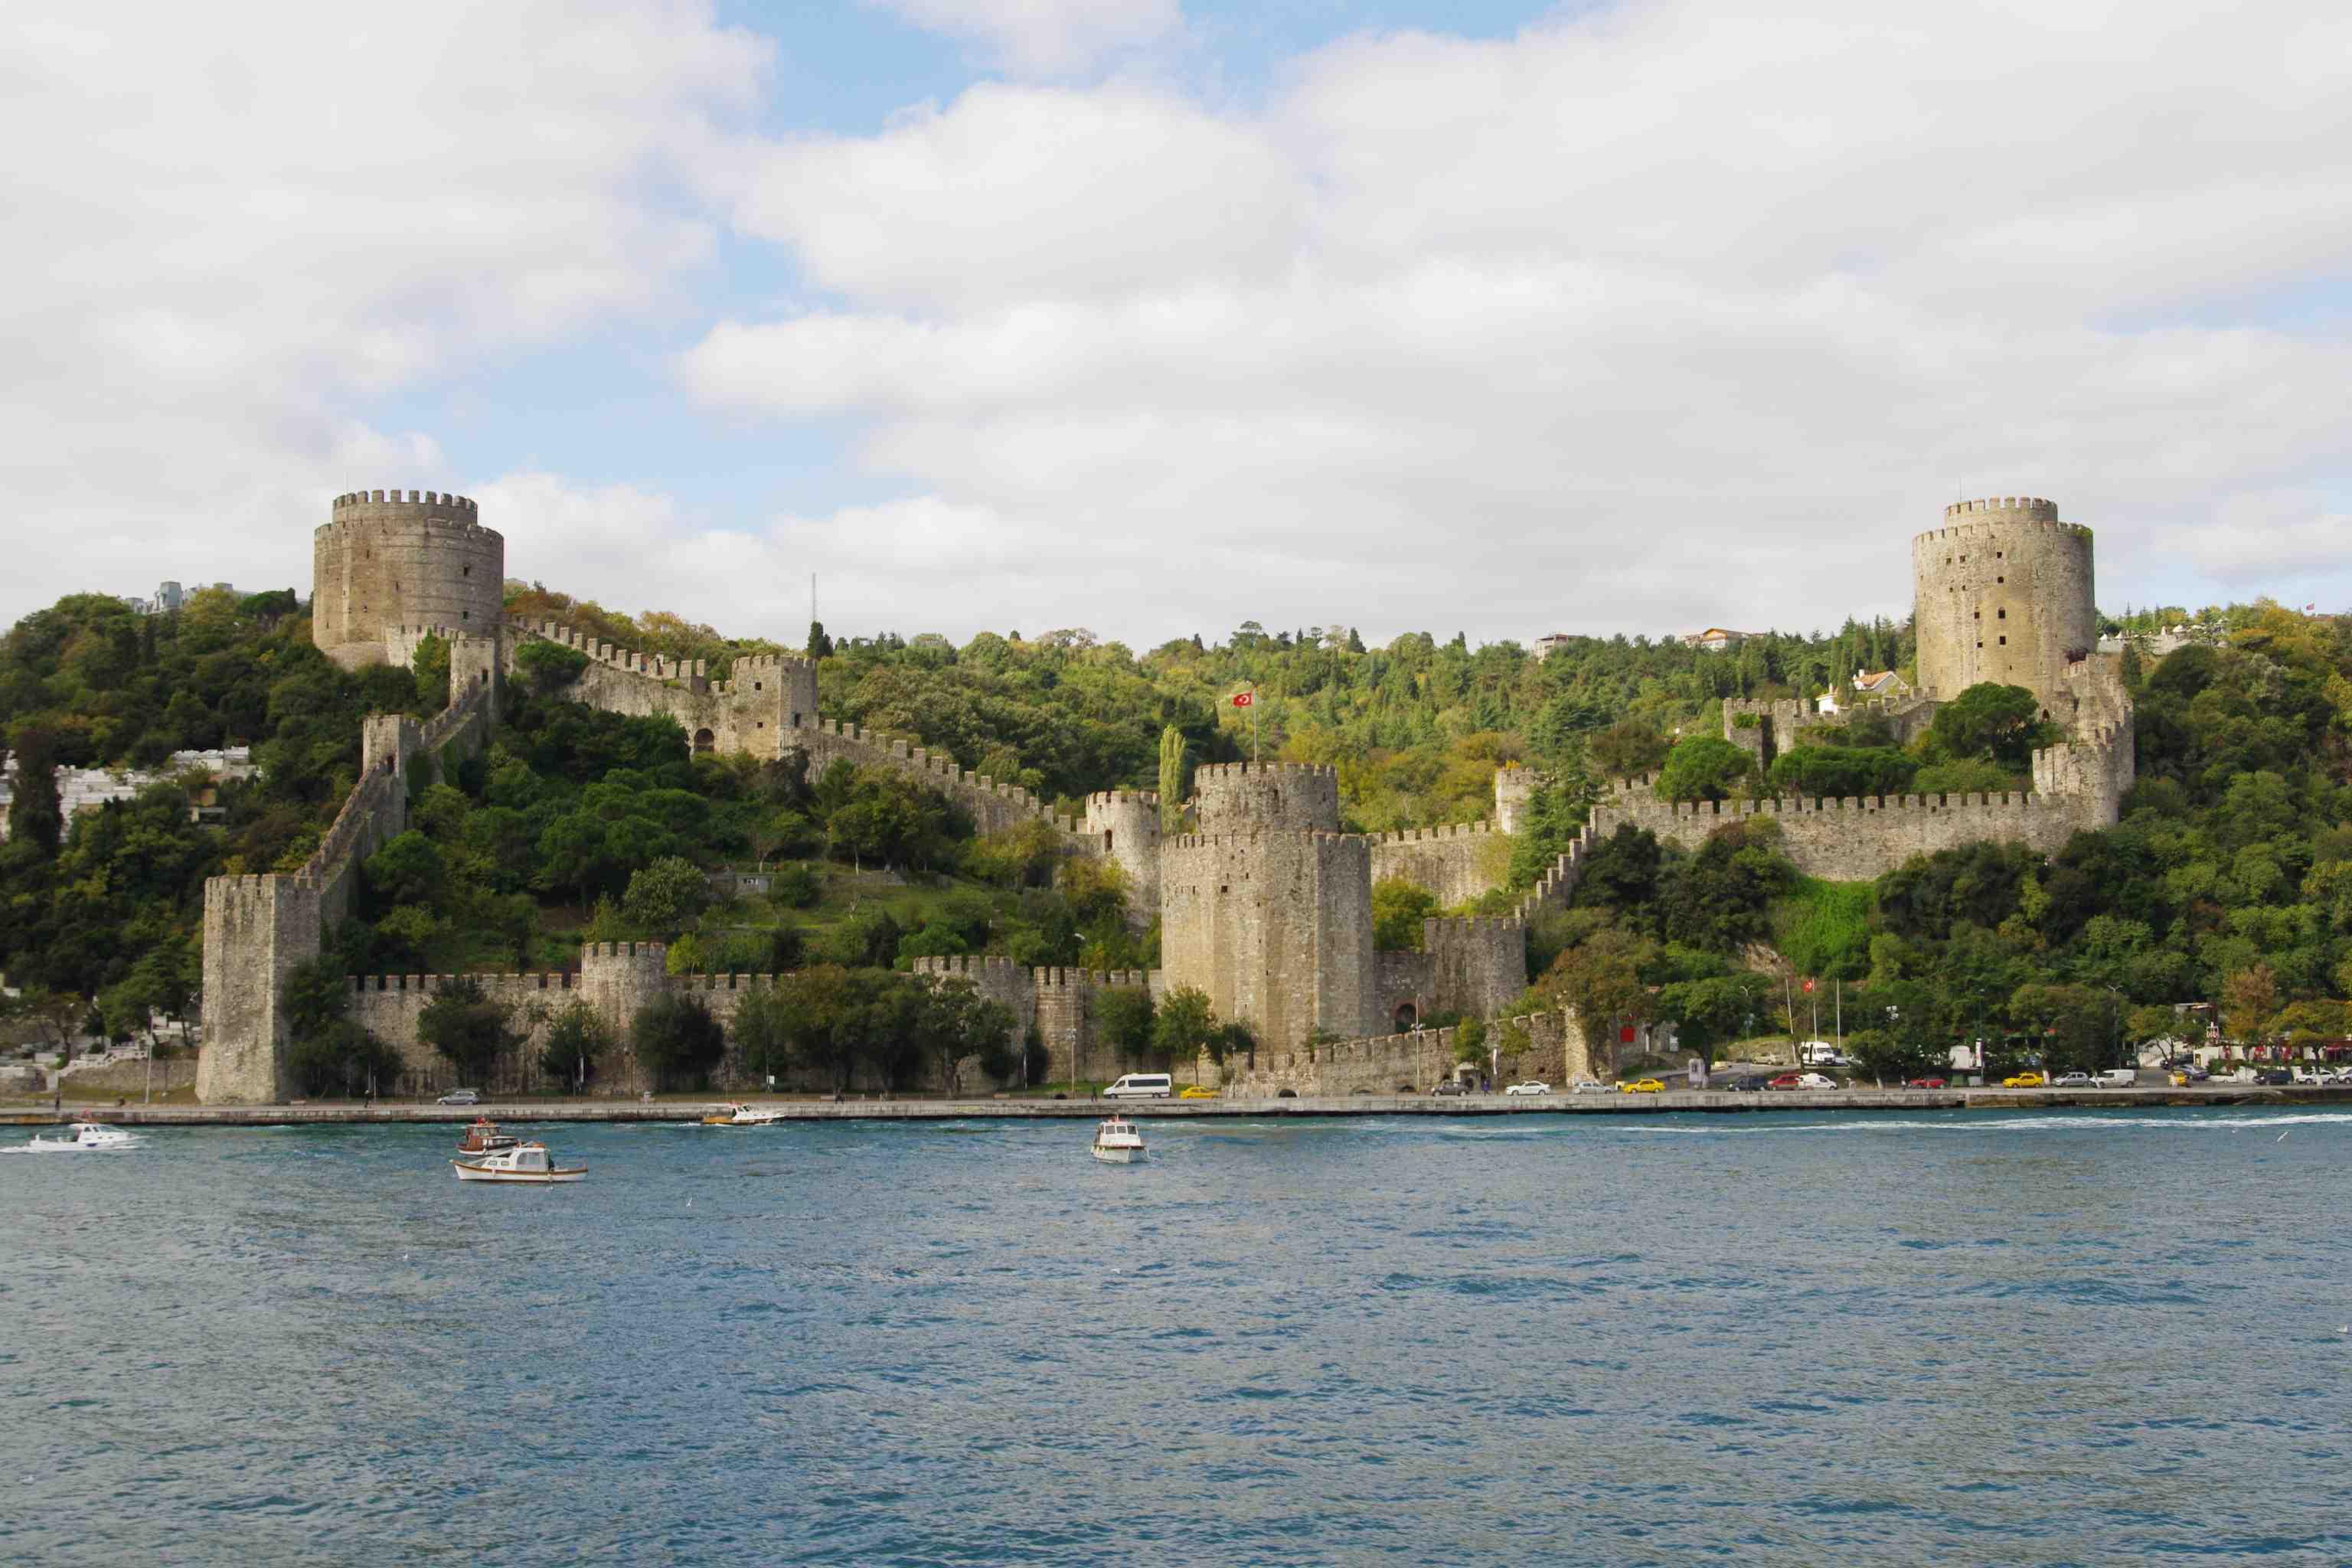 File:Die Festung Rumeli Hisarı.jpg - Wikimedia Commons